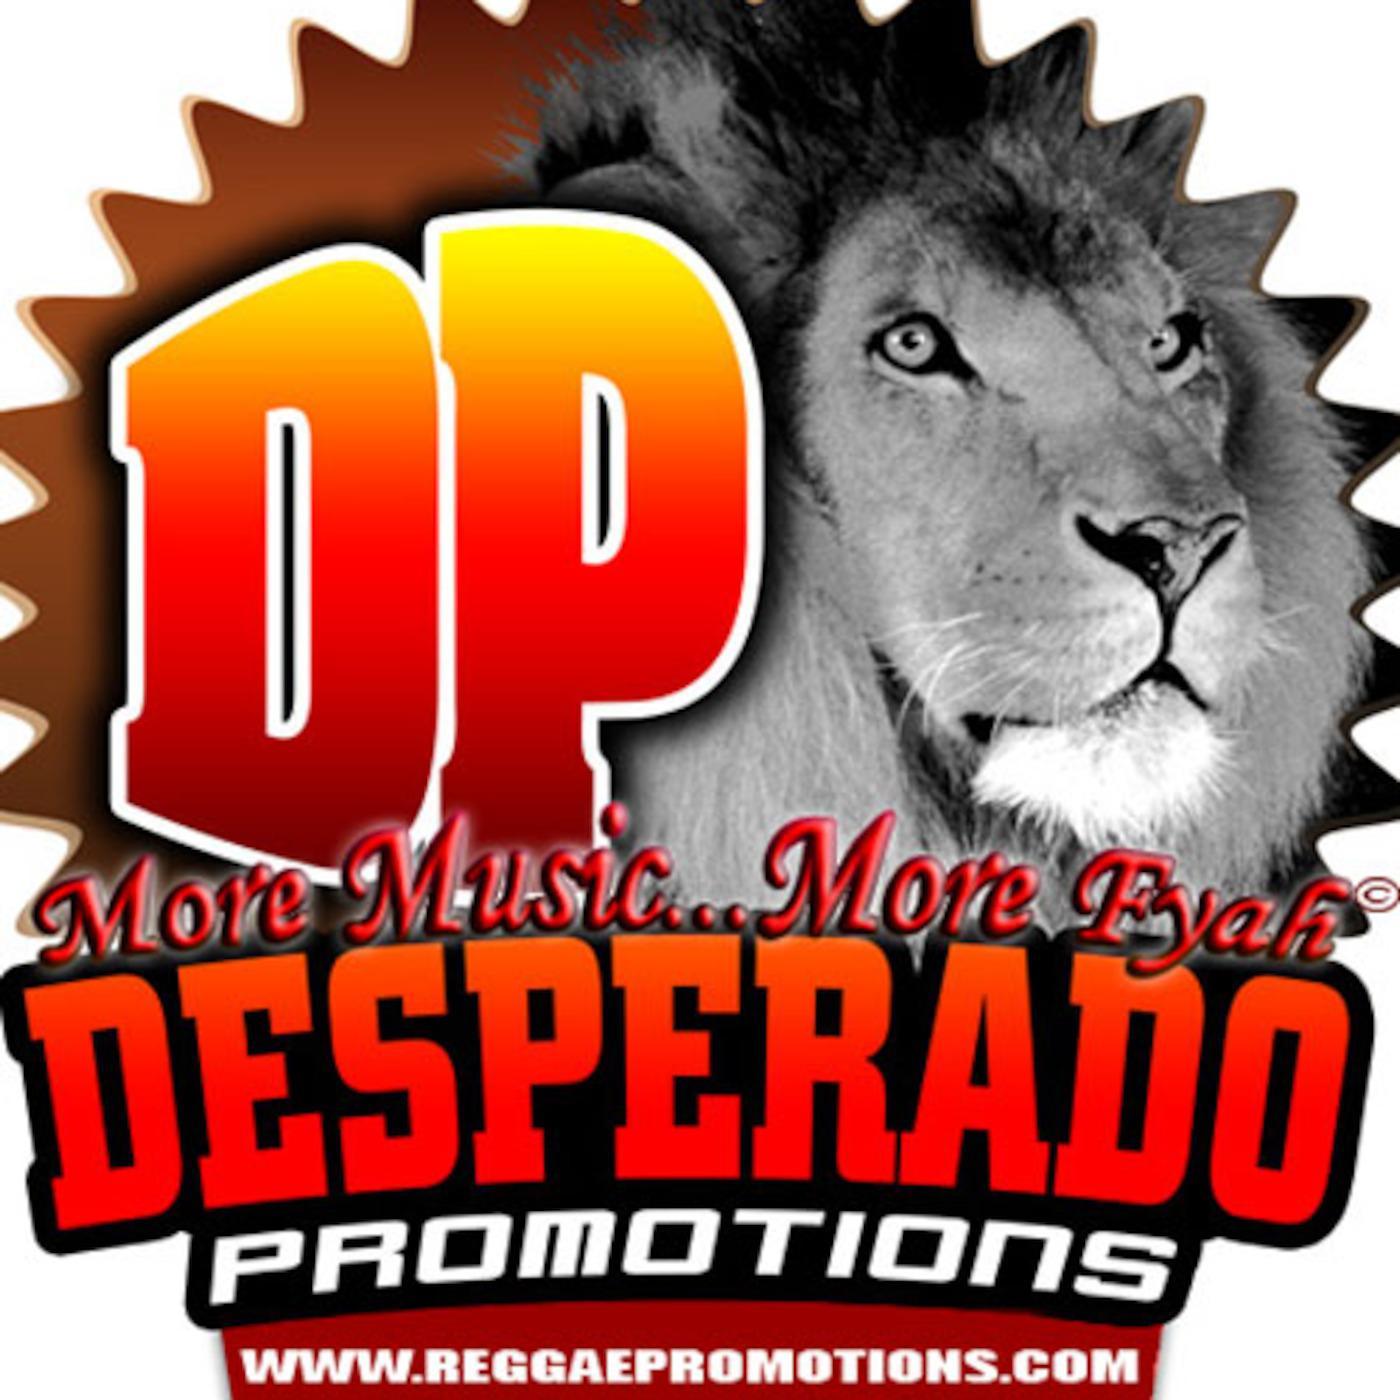 Desperado Promotions - Reggae (podcast) - Desperado Promotions